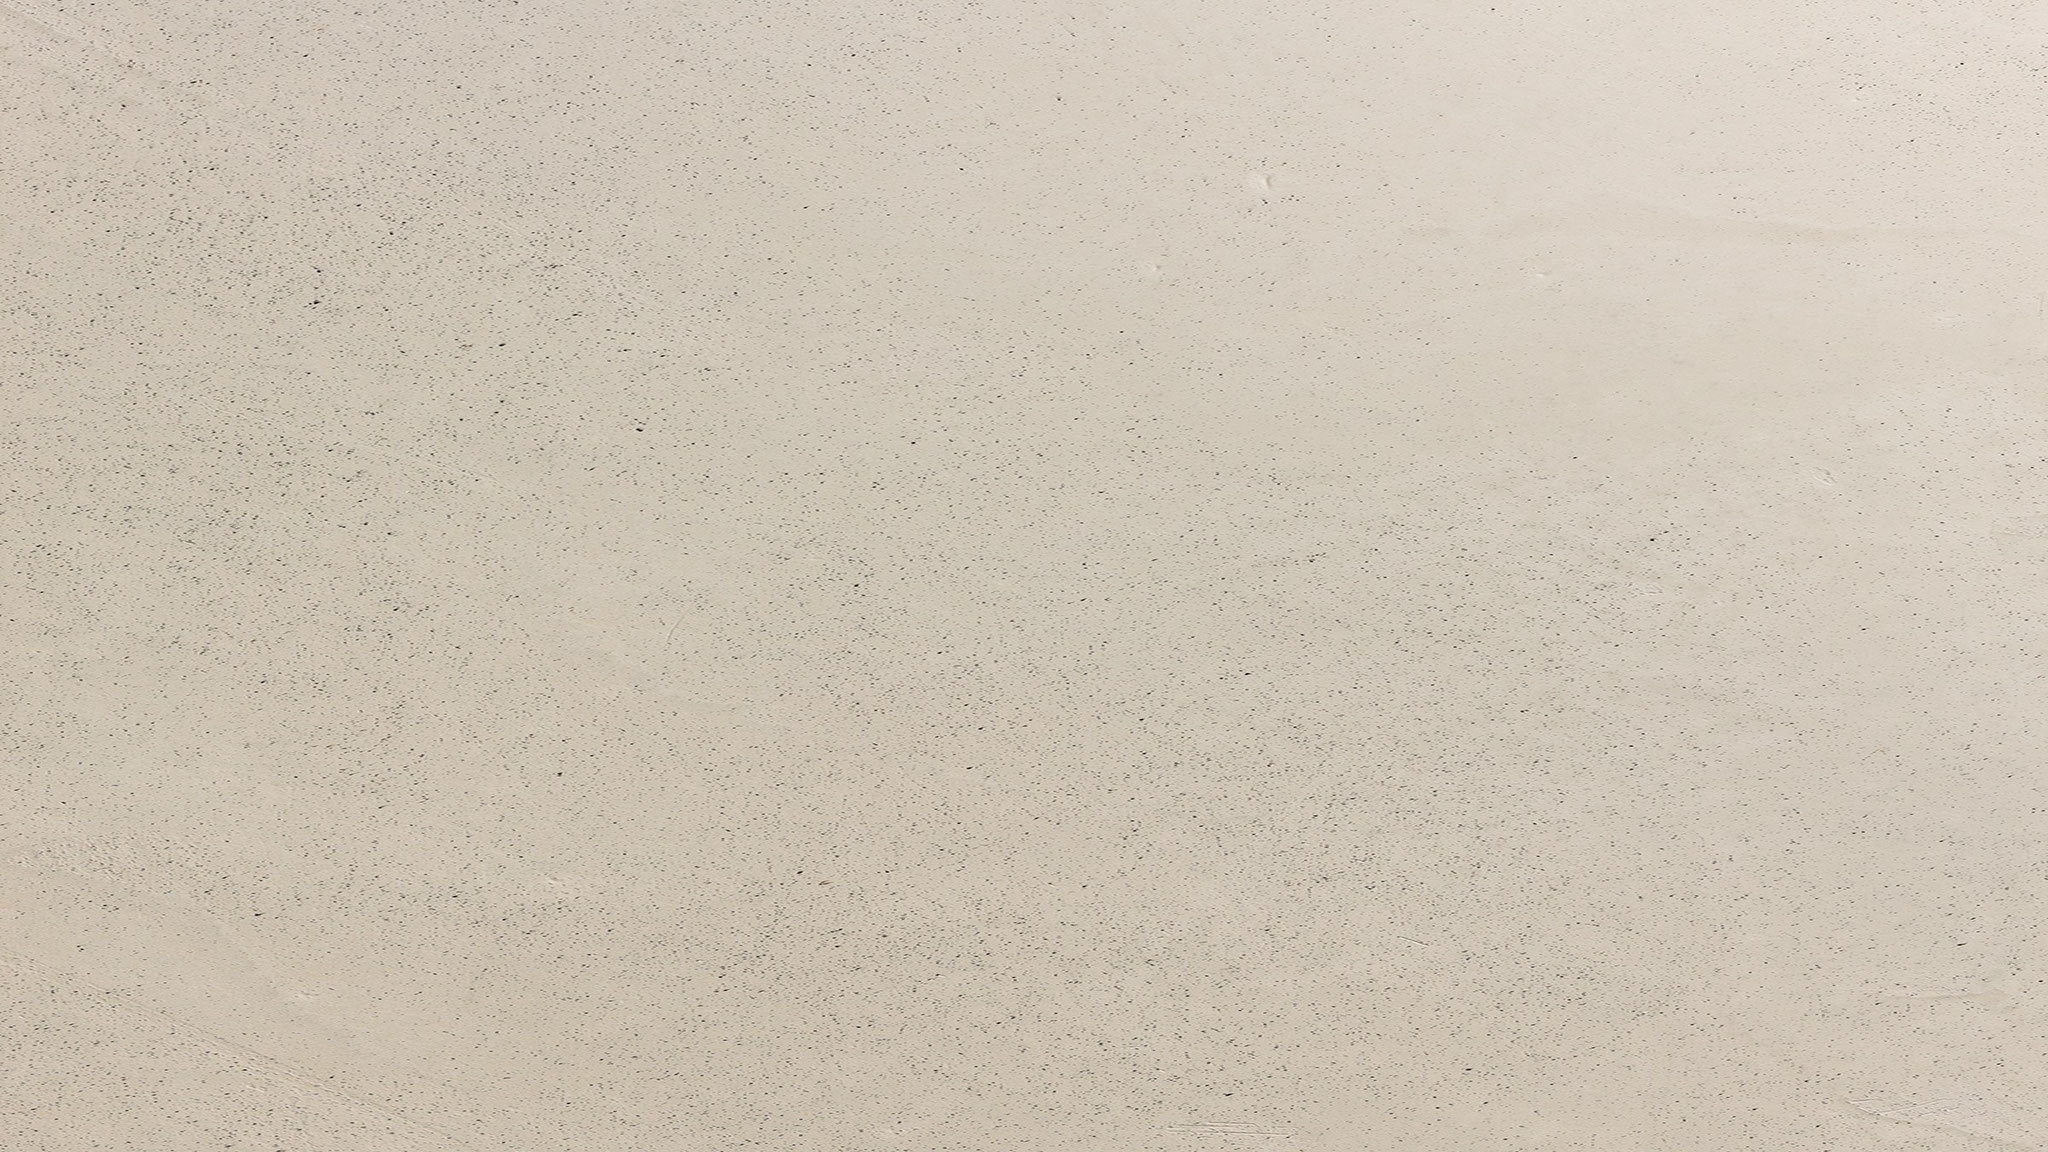 Sandstone - Die dezente Oberfläche kombiniert Natürlichkeit und funktionale Eigenschaften. Farbton: ic113